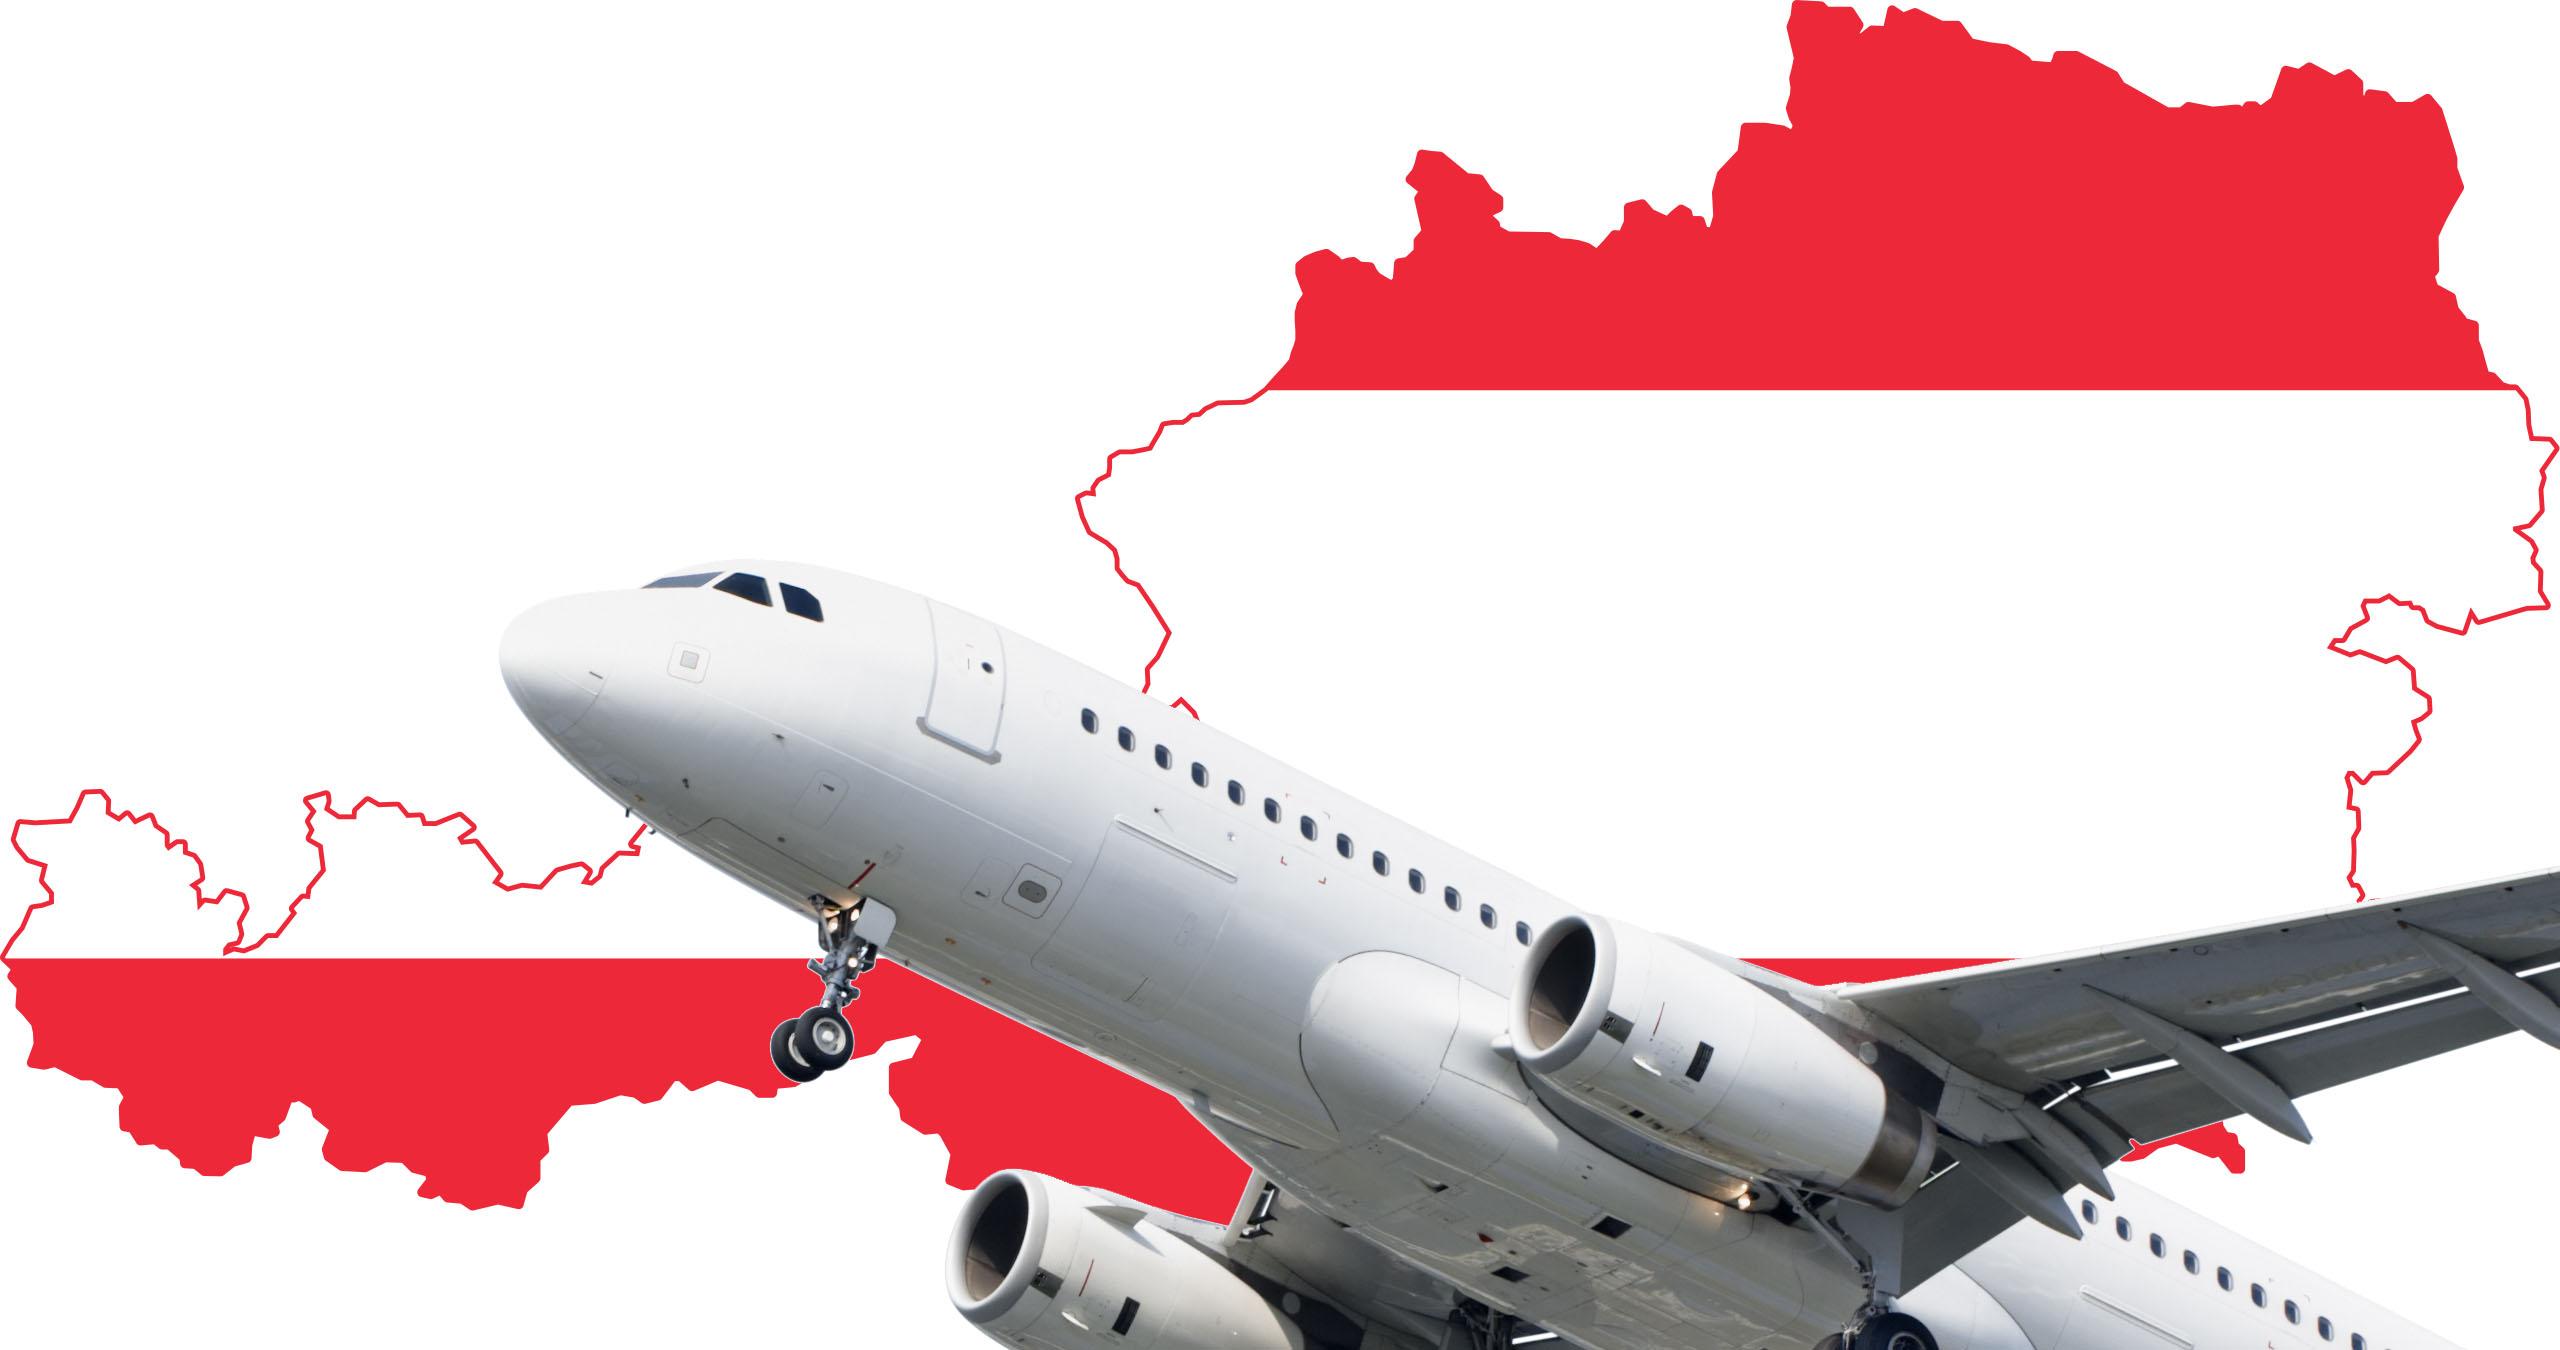 ارسال بار به اتریش، فریت بار اتریش، فرودگاه اتریش